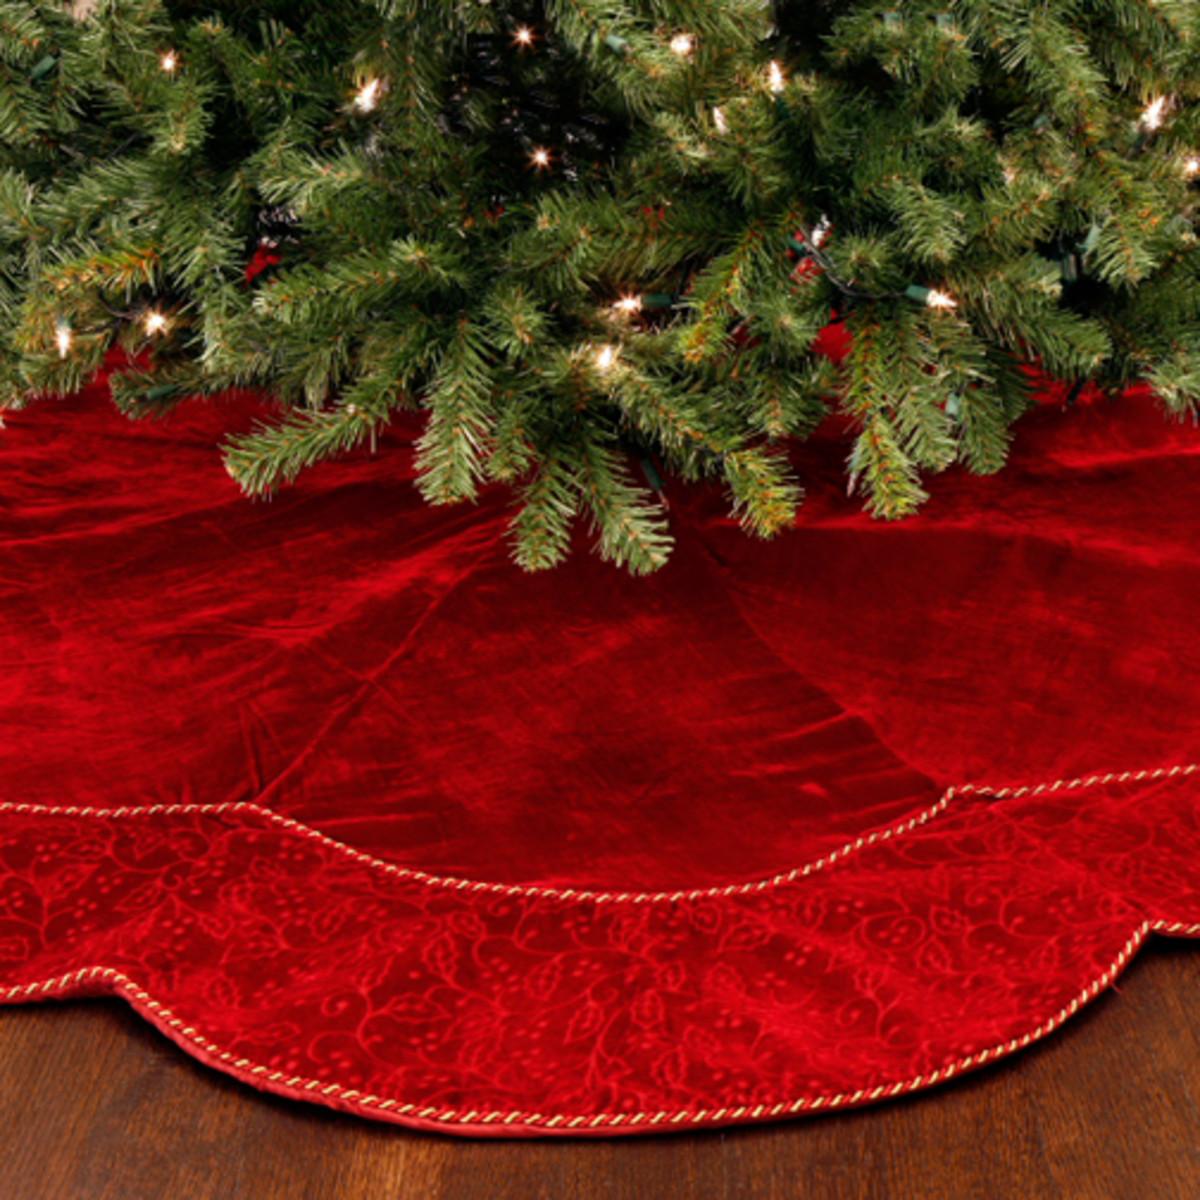 redchristmastreeskirt